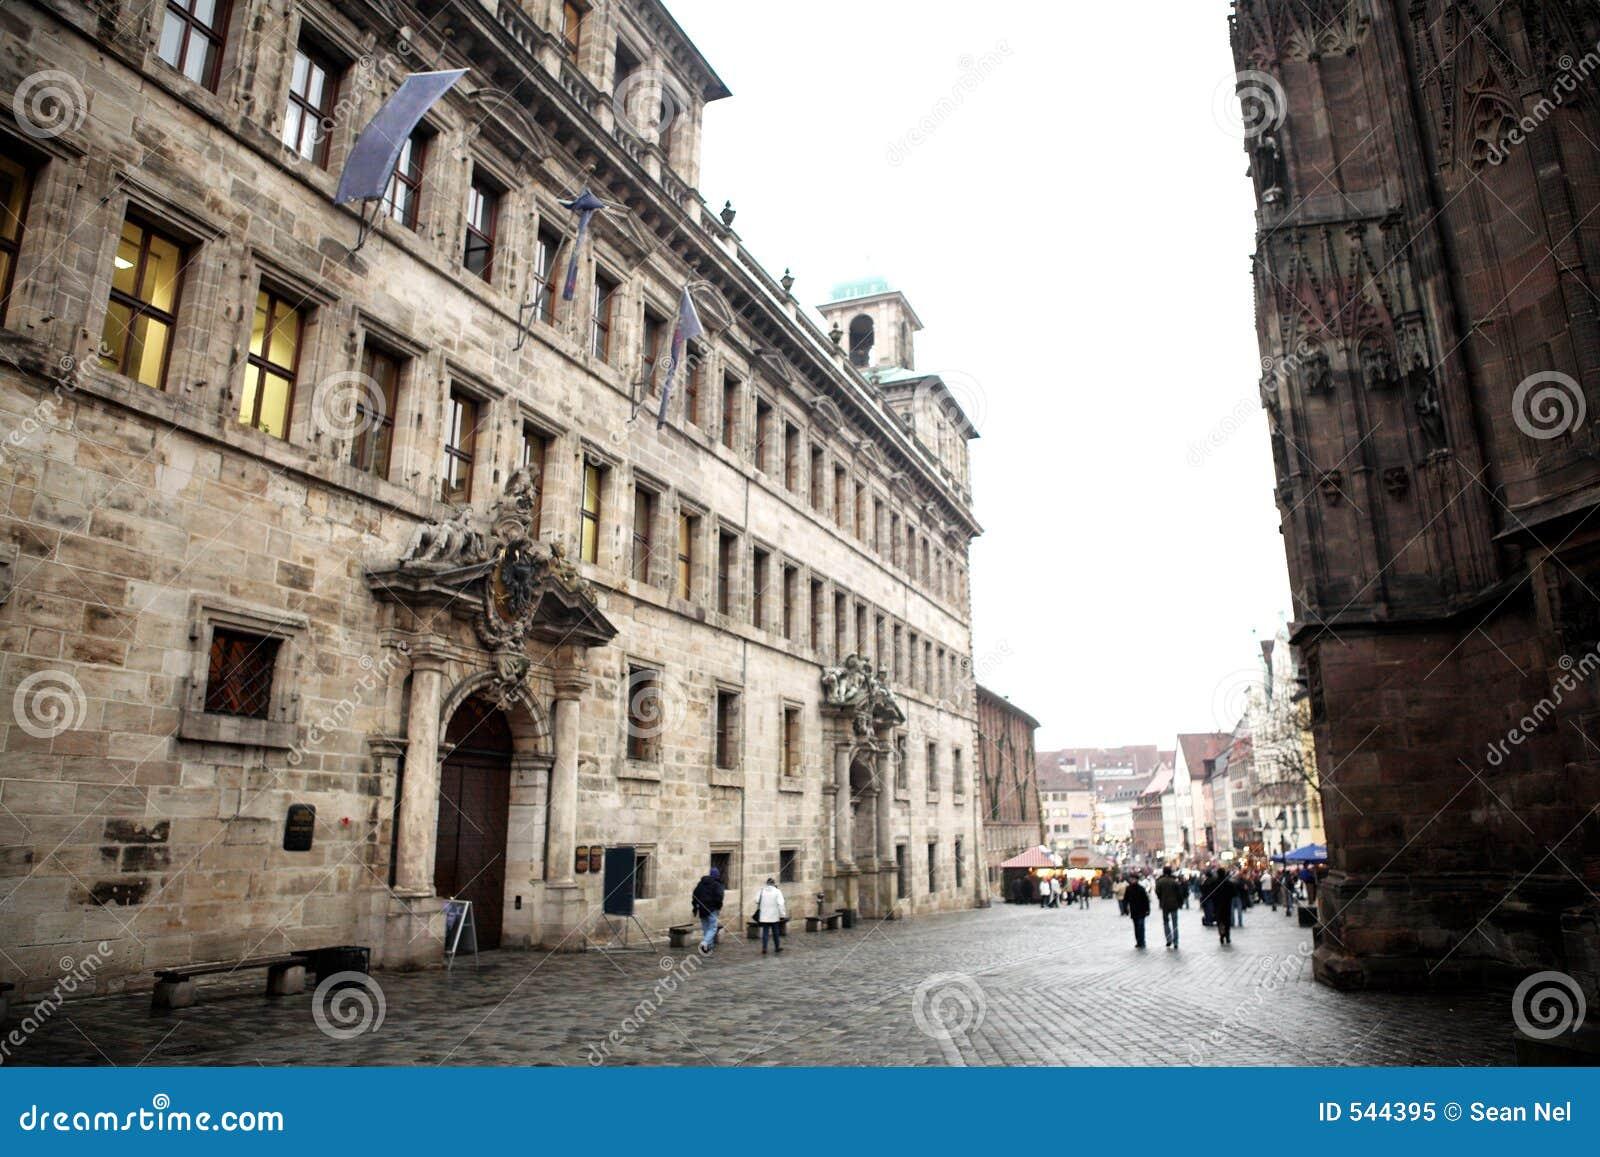 Download 61慕尼黑 库存图片. 图片 包括有 酿酒厂, 城市, browne, 路面, 德国, 有薄雾, 哥特式, 理事会 - 544395